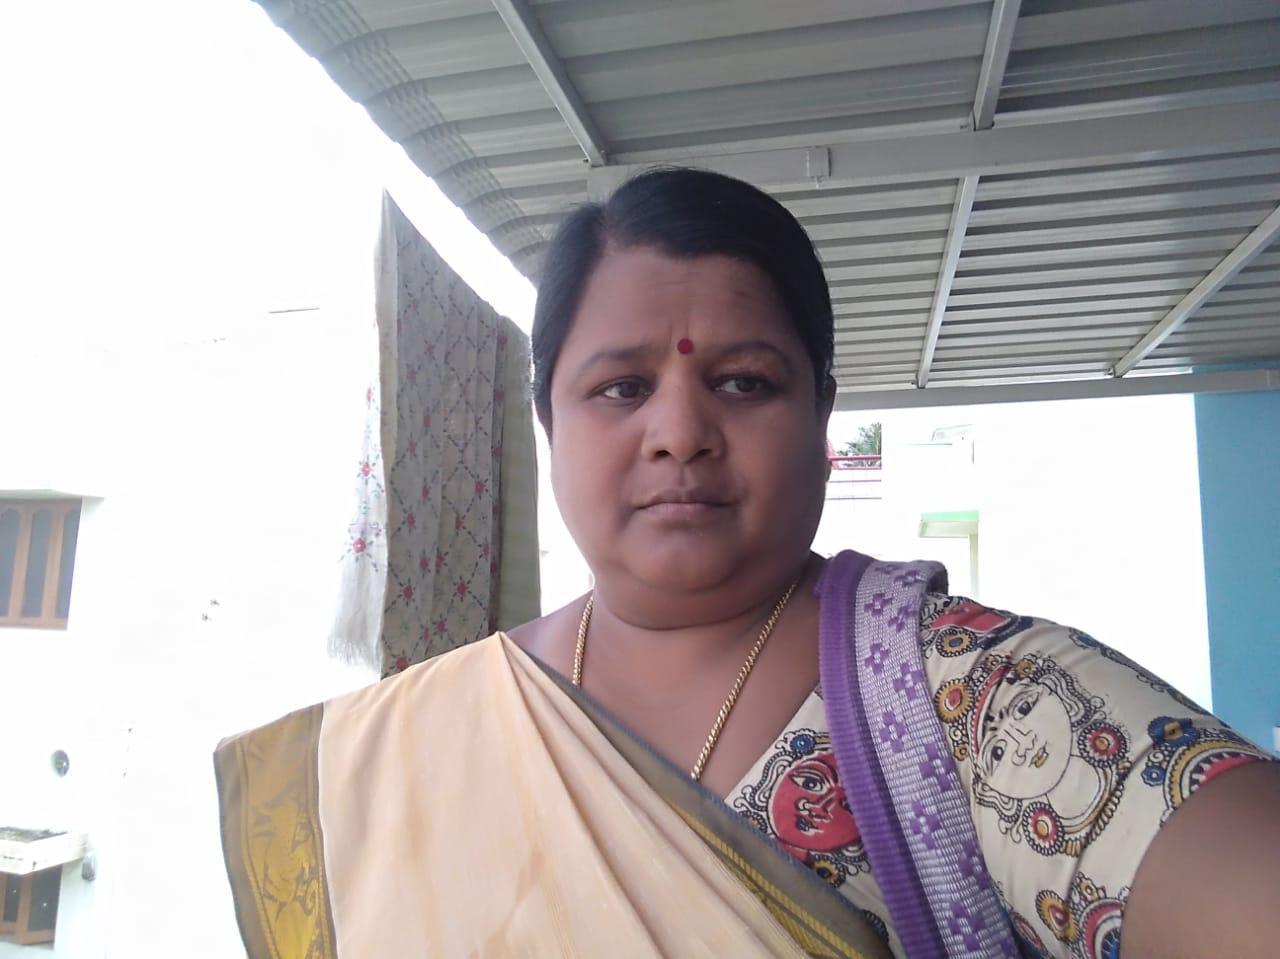 ஜனநாயக மாதர் சங்கத்தின் சேலம் மாவட்டத் தலைவர் பரமேஸ்வரி